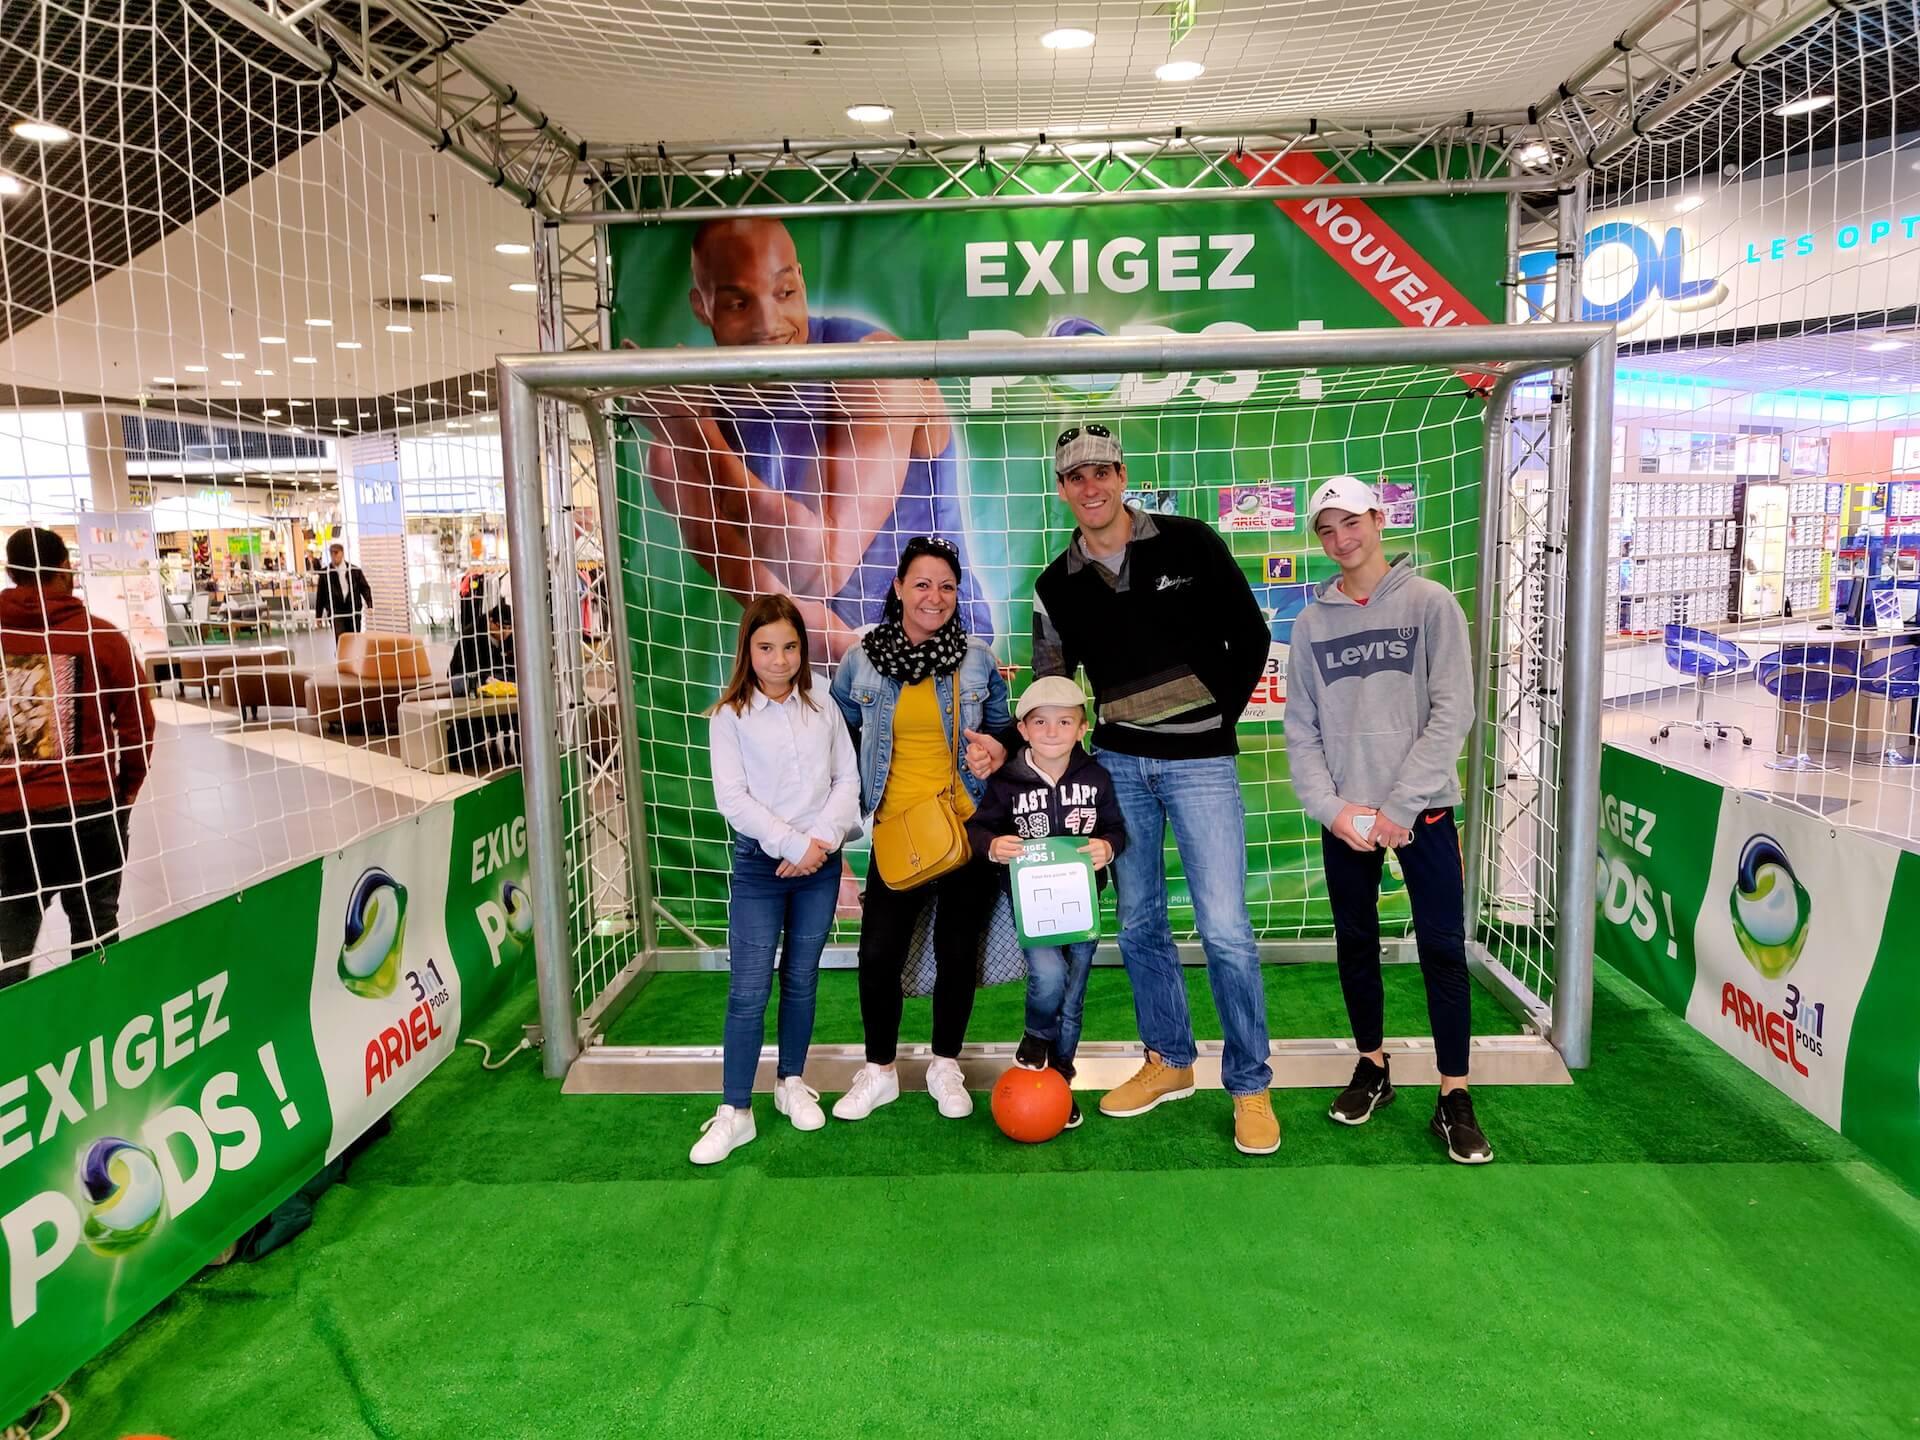 Famille animation foot familiale jeu défi supermarché commercial